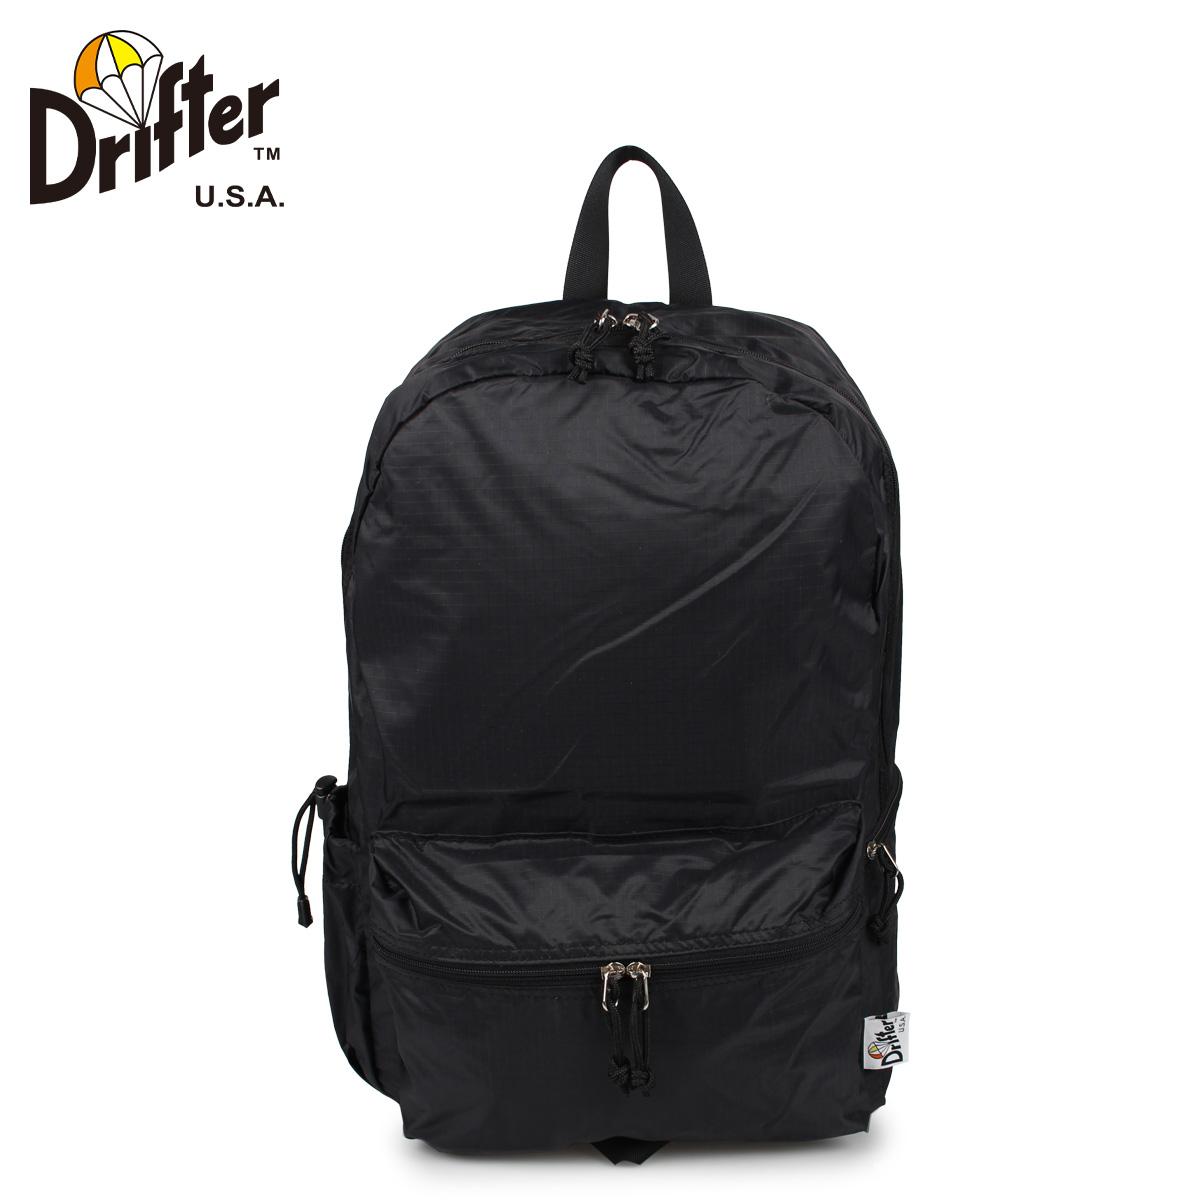 Drifter ドリフター リュック バッグ バックパック メンズ レディース 17L FLY PACK ブラック 黒 DFV2460